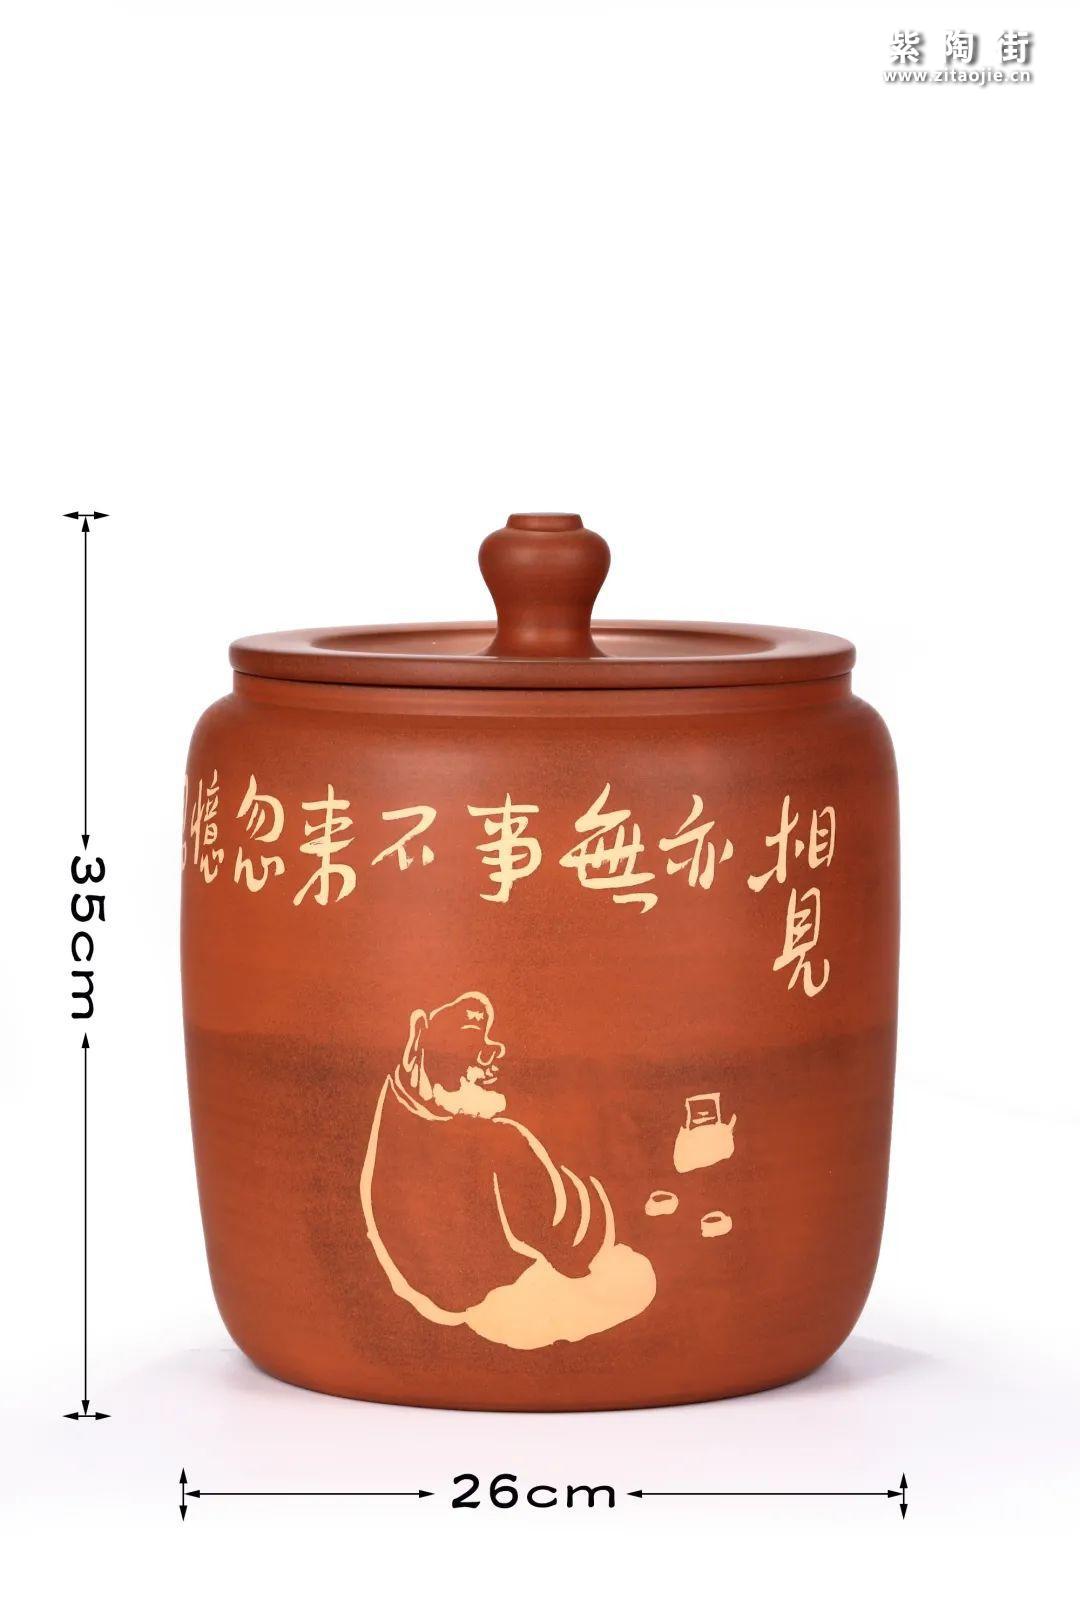 李勇(半根)老师建水紫陶茶罐作品欣赏-紫陶街